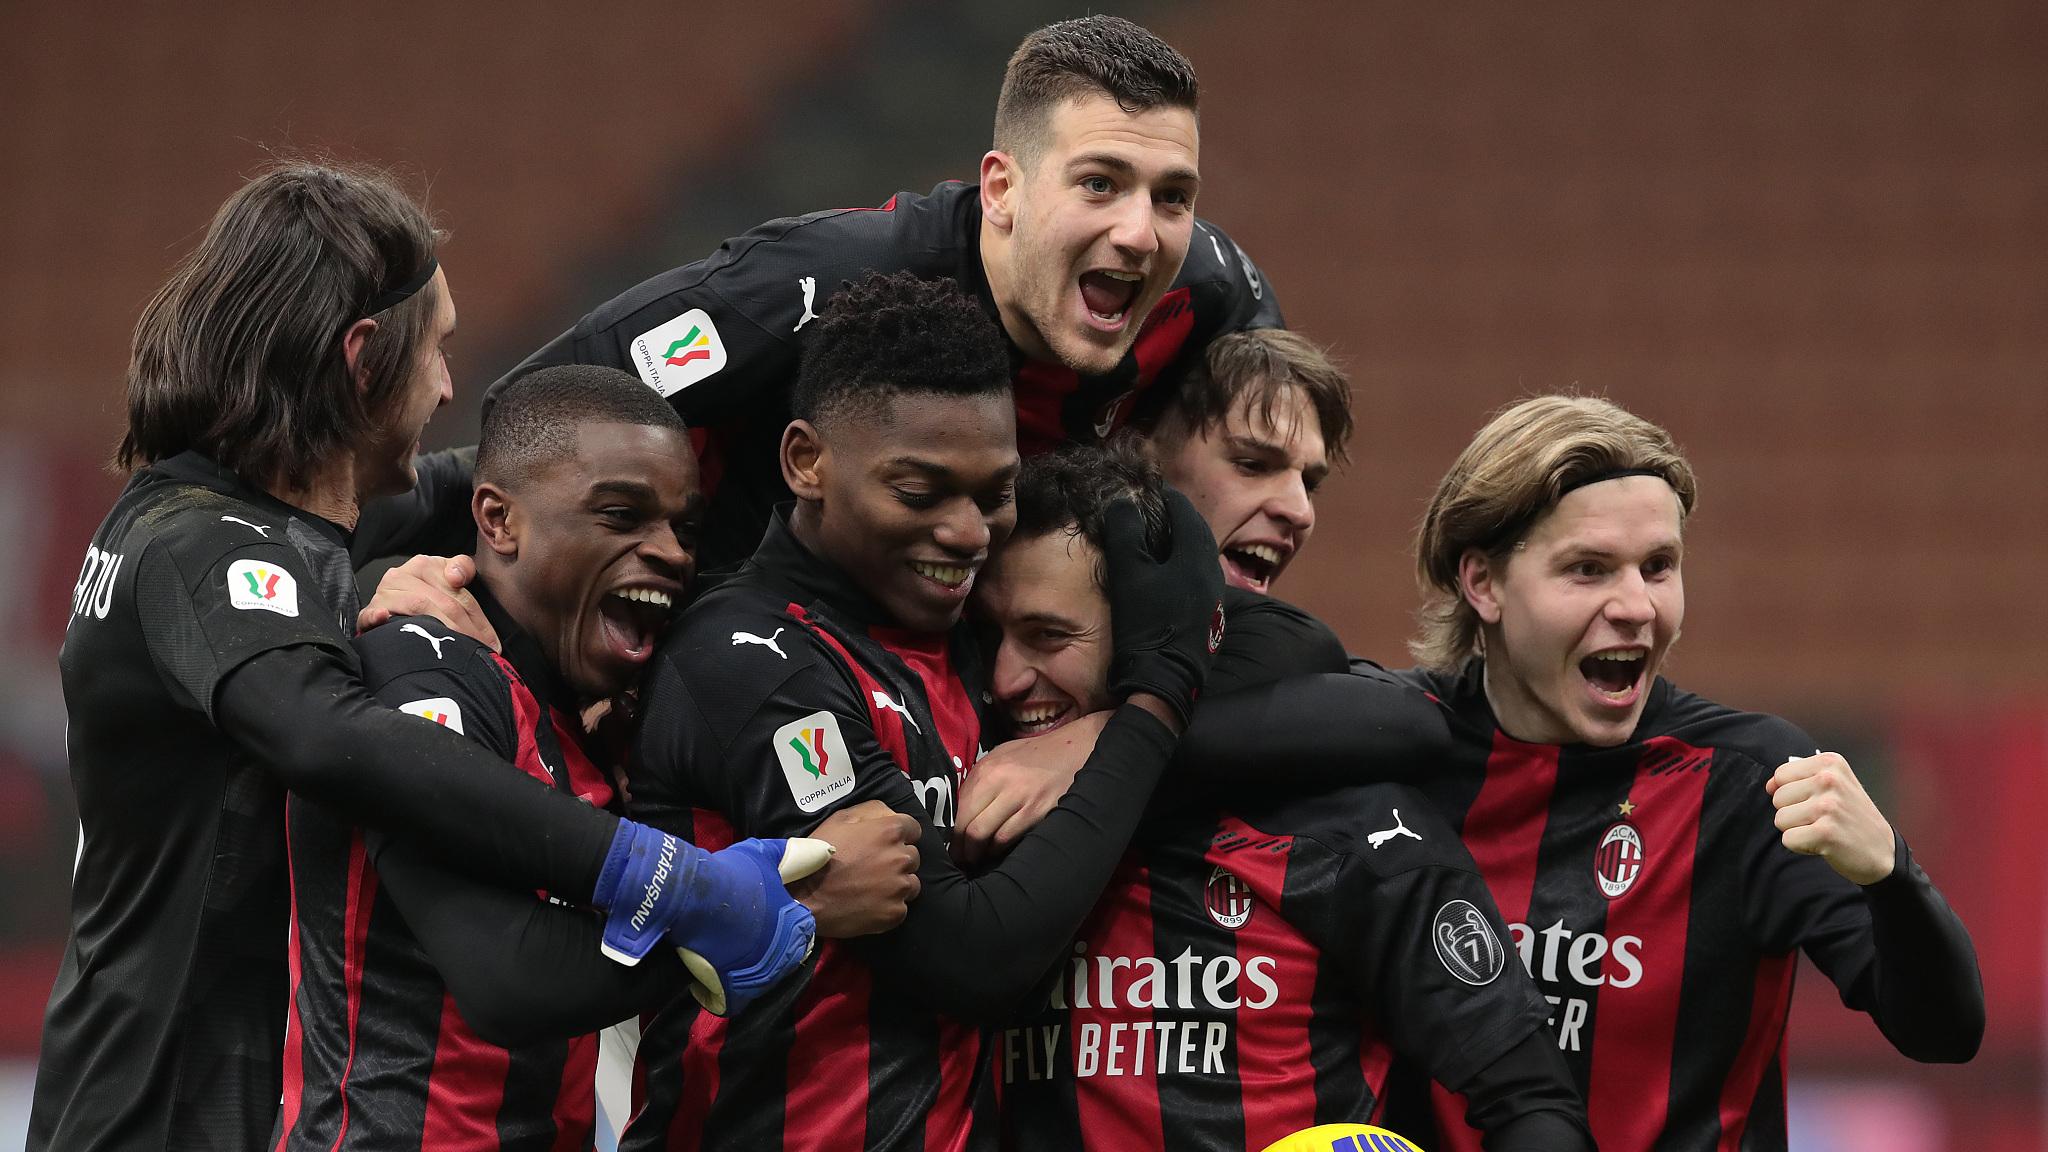 Milan đã trở lại đấu trường Champions League sau thời gian dài vắng bóng